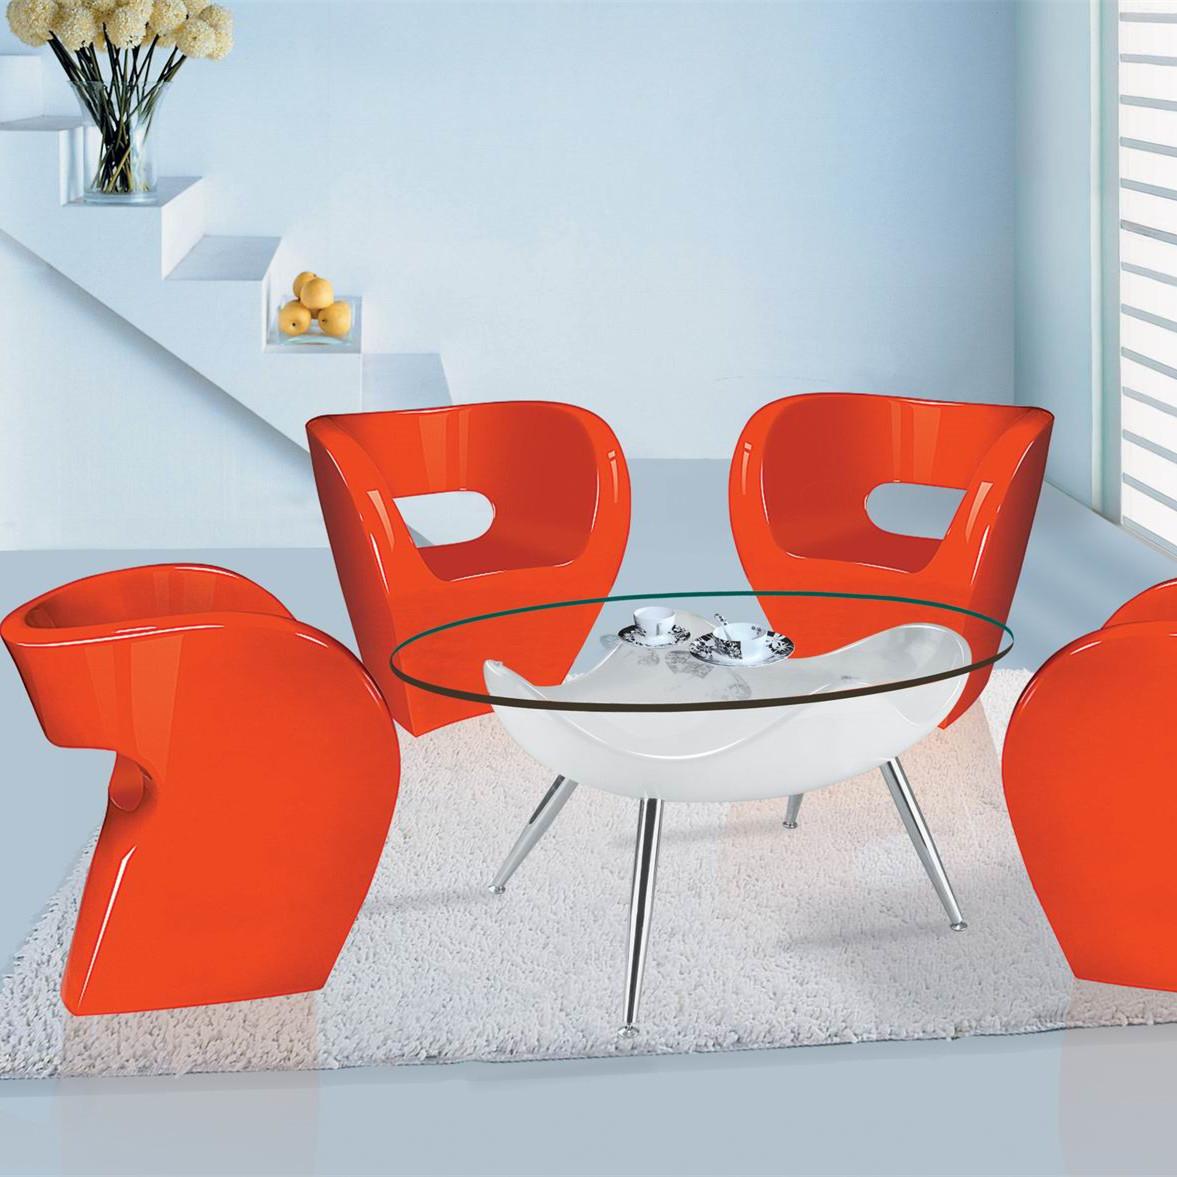 现代简约玻璃钢户外休闲椅 酒店会所洽谈椅 家用商场休息靠椅